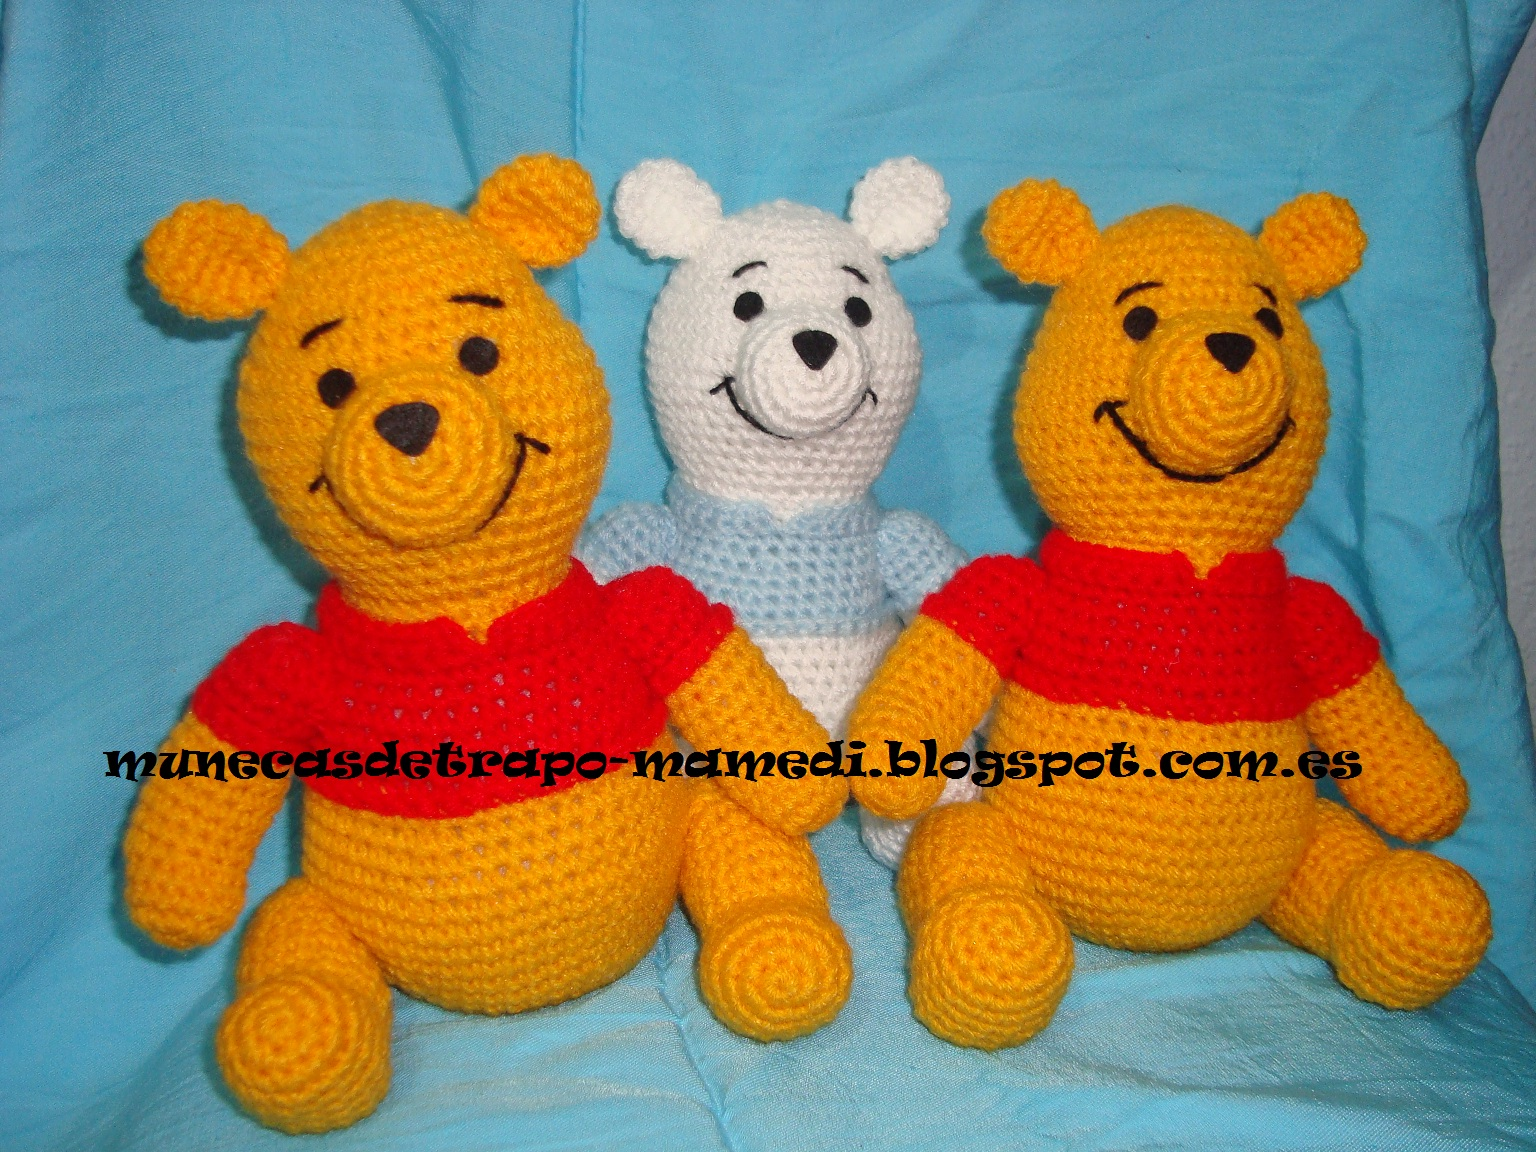 Amigurumi Winnie The Pooh : Munecas de trapo Mamedi: Winnie the Pooh amigurumi - 2